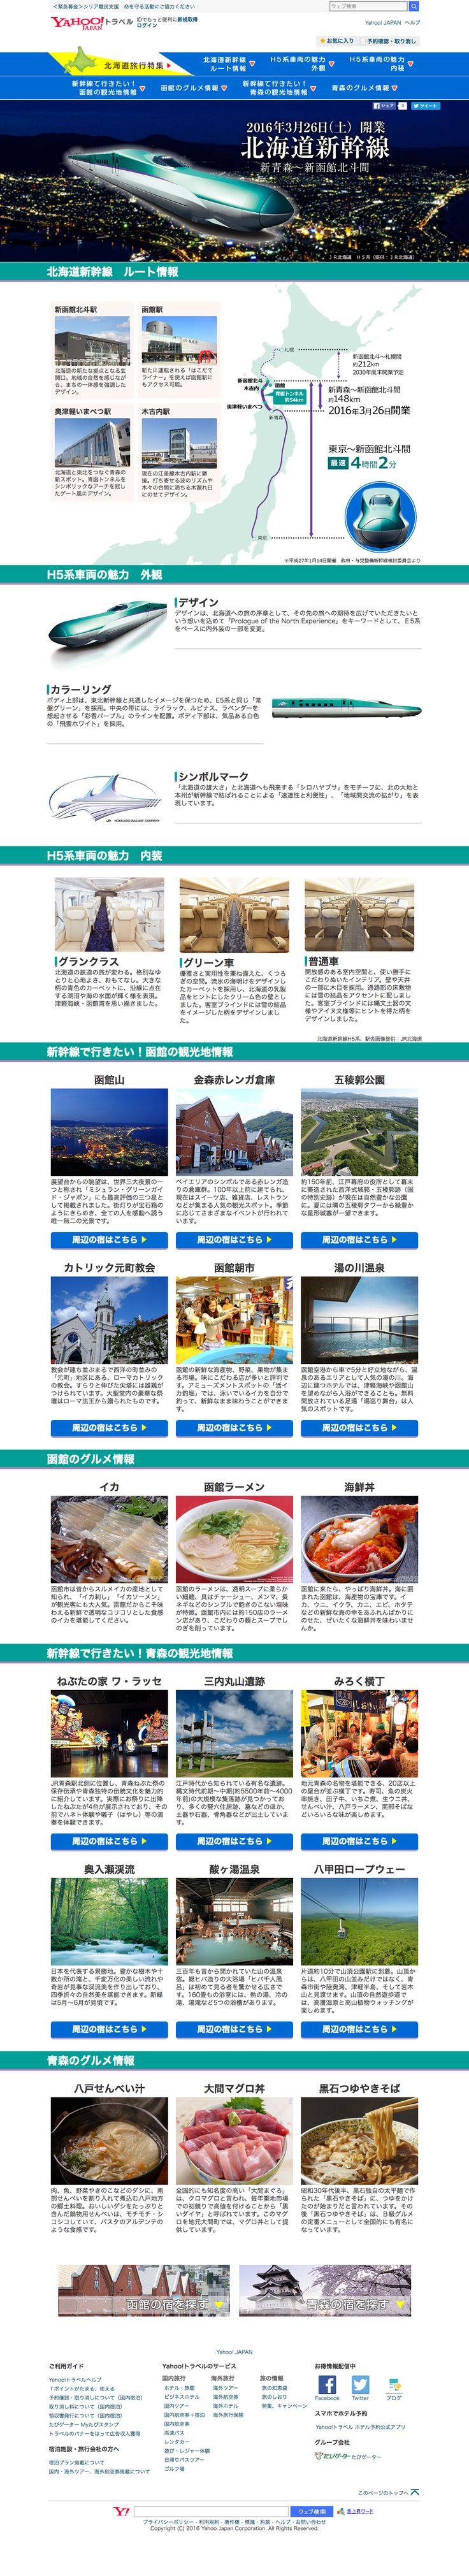 2016年やっぱり行きたい 北海道旅行特集- Yahoo!トラベル